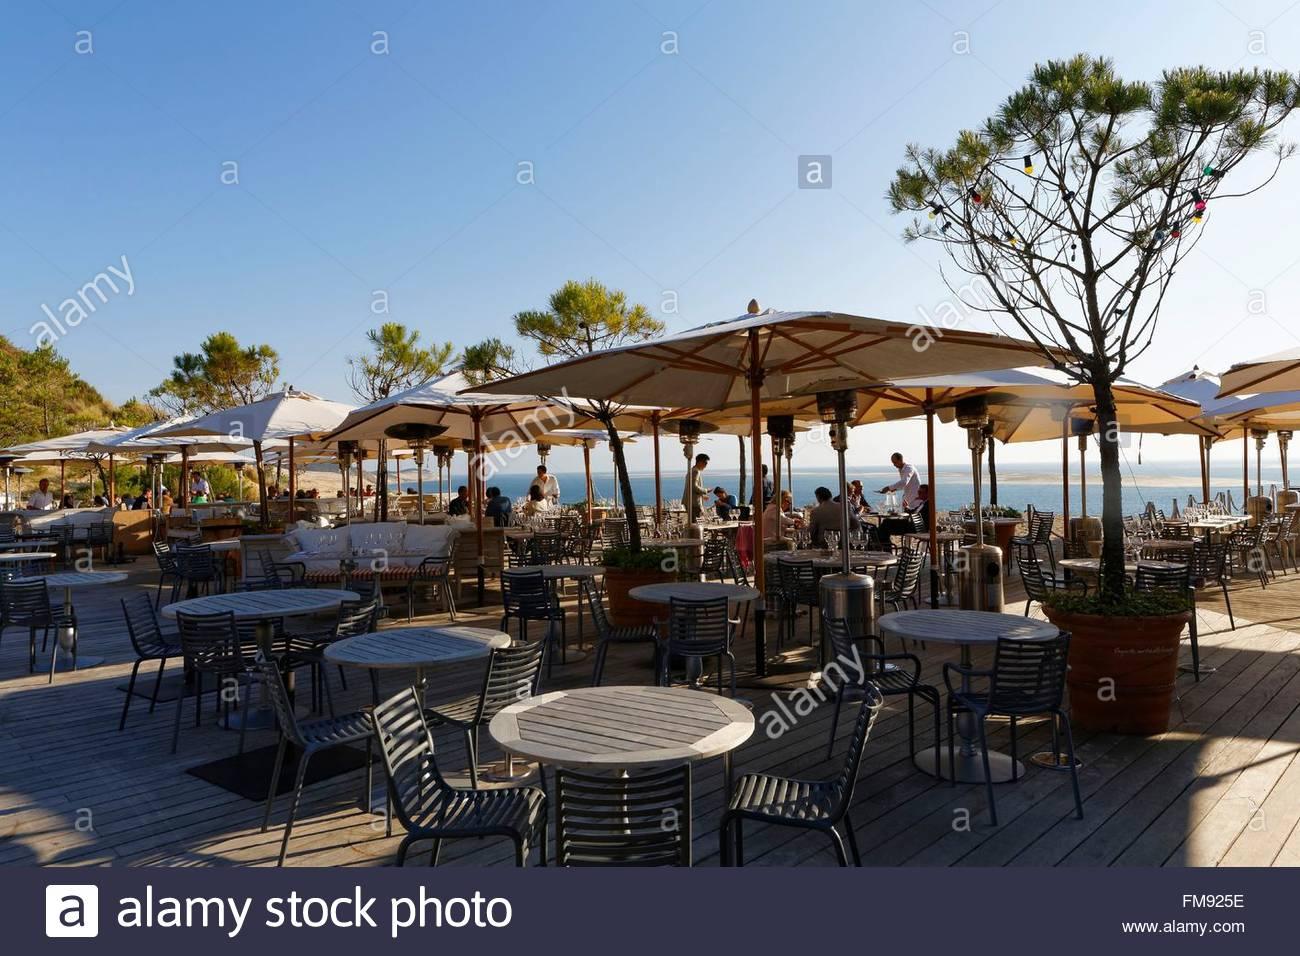 France gironde bassin d 39 arcachon pyla sur mer la corniche hotel stock - Restaurant la corniche arcachon ...